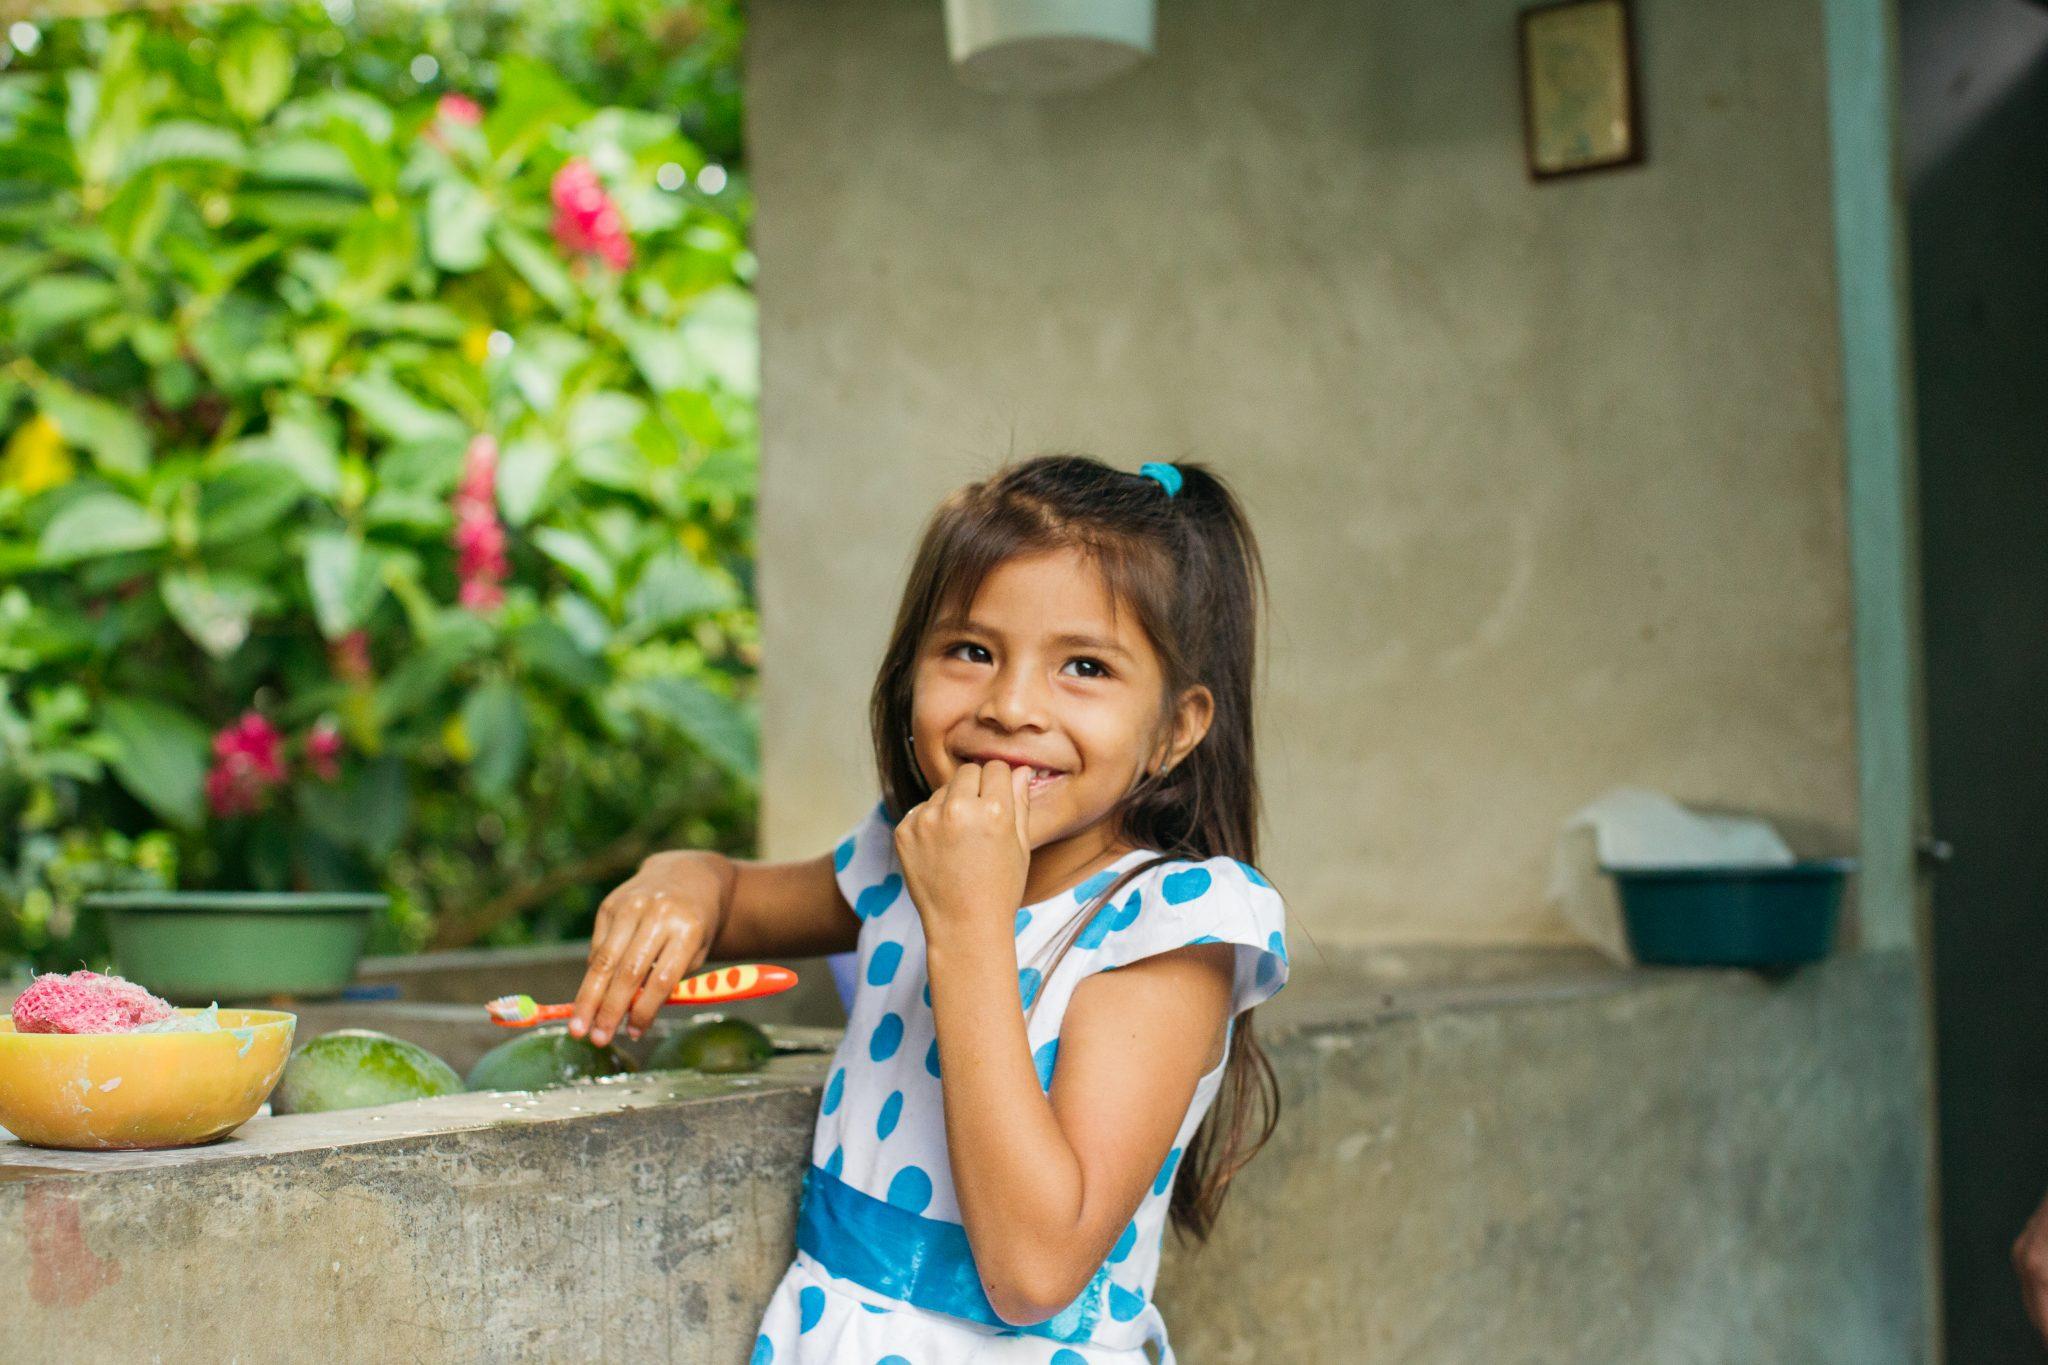 Honduras03_SanAntonio_ElGolfo_061919-28